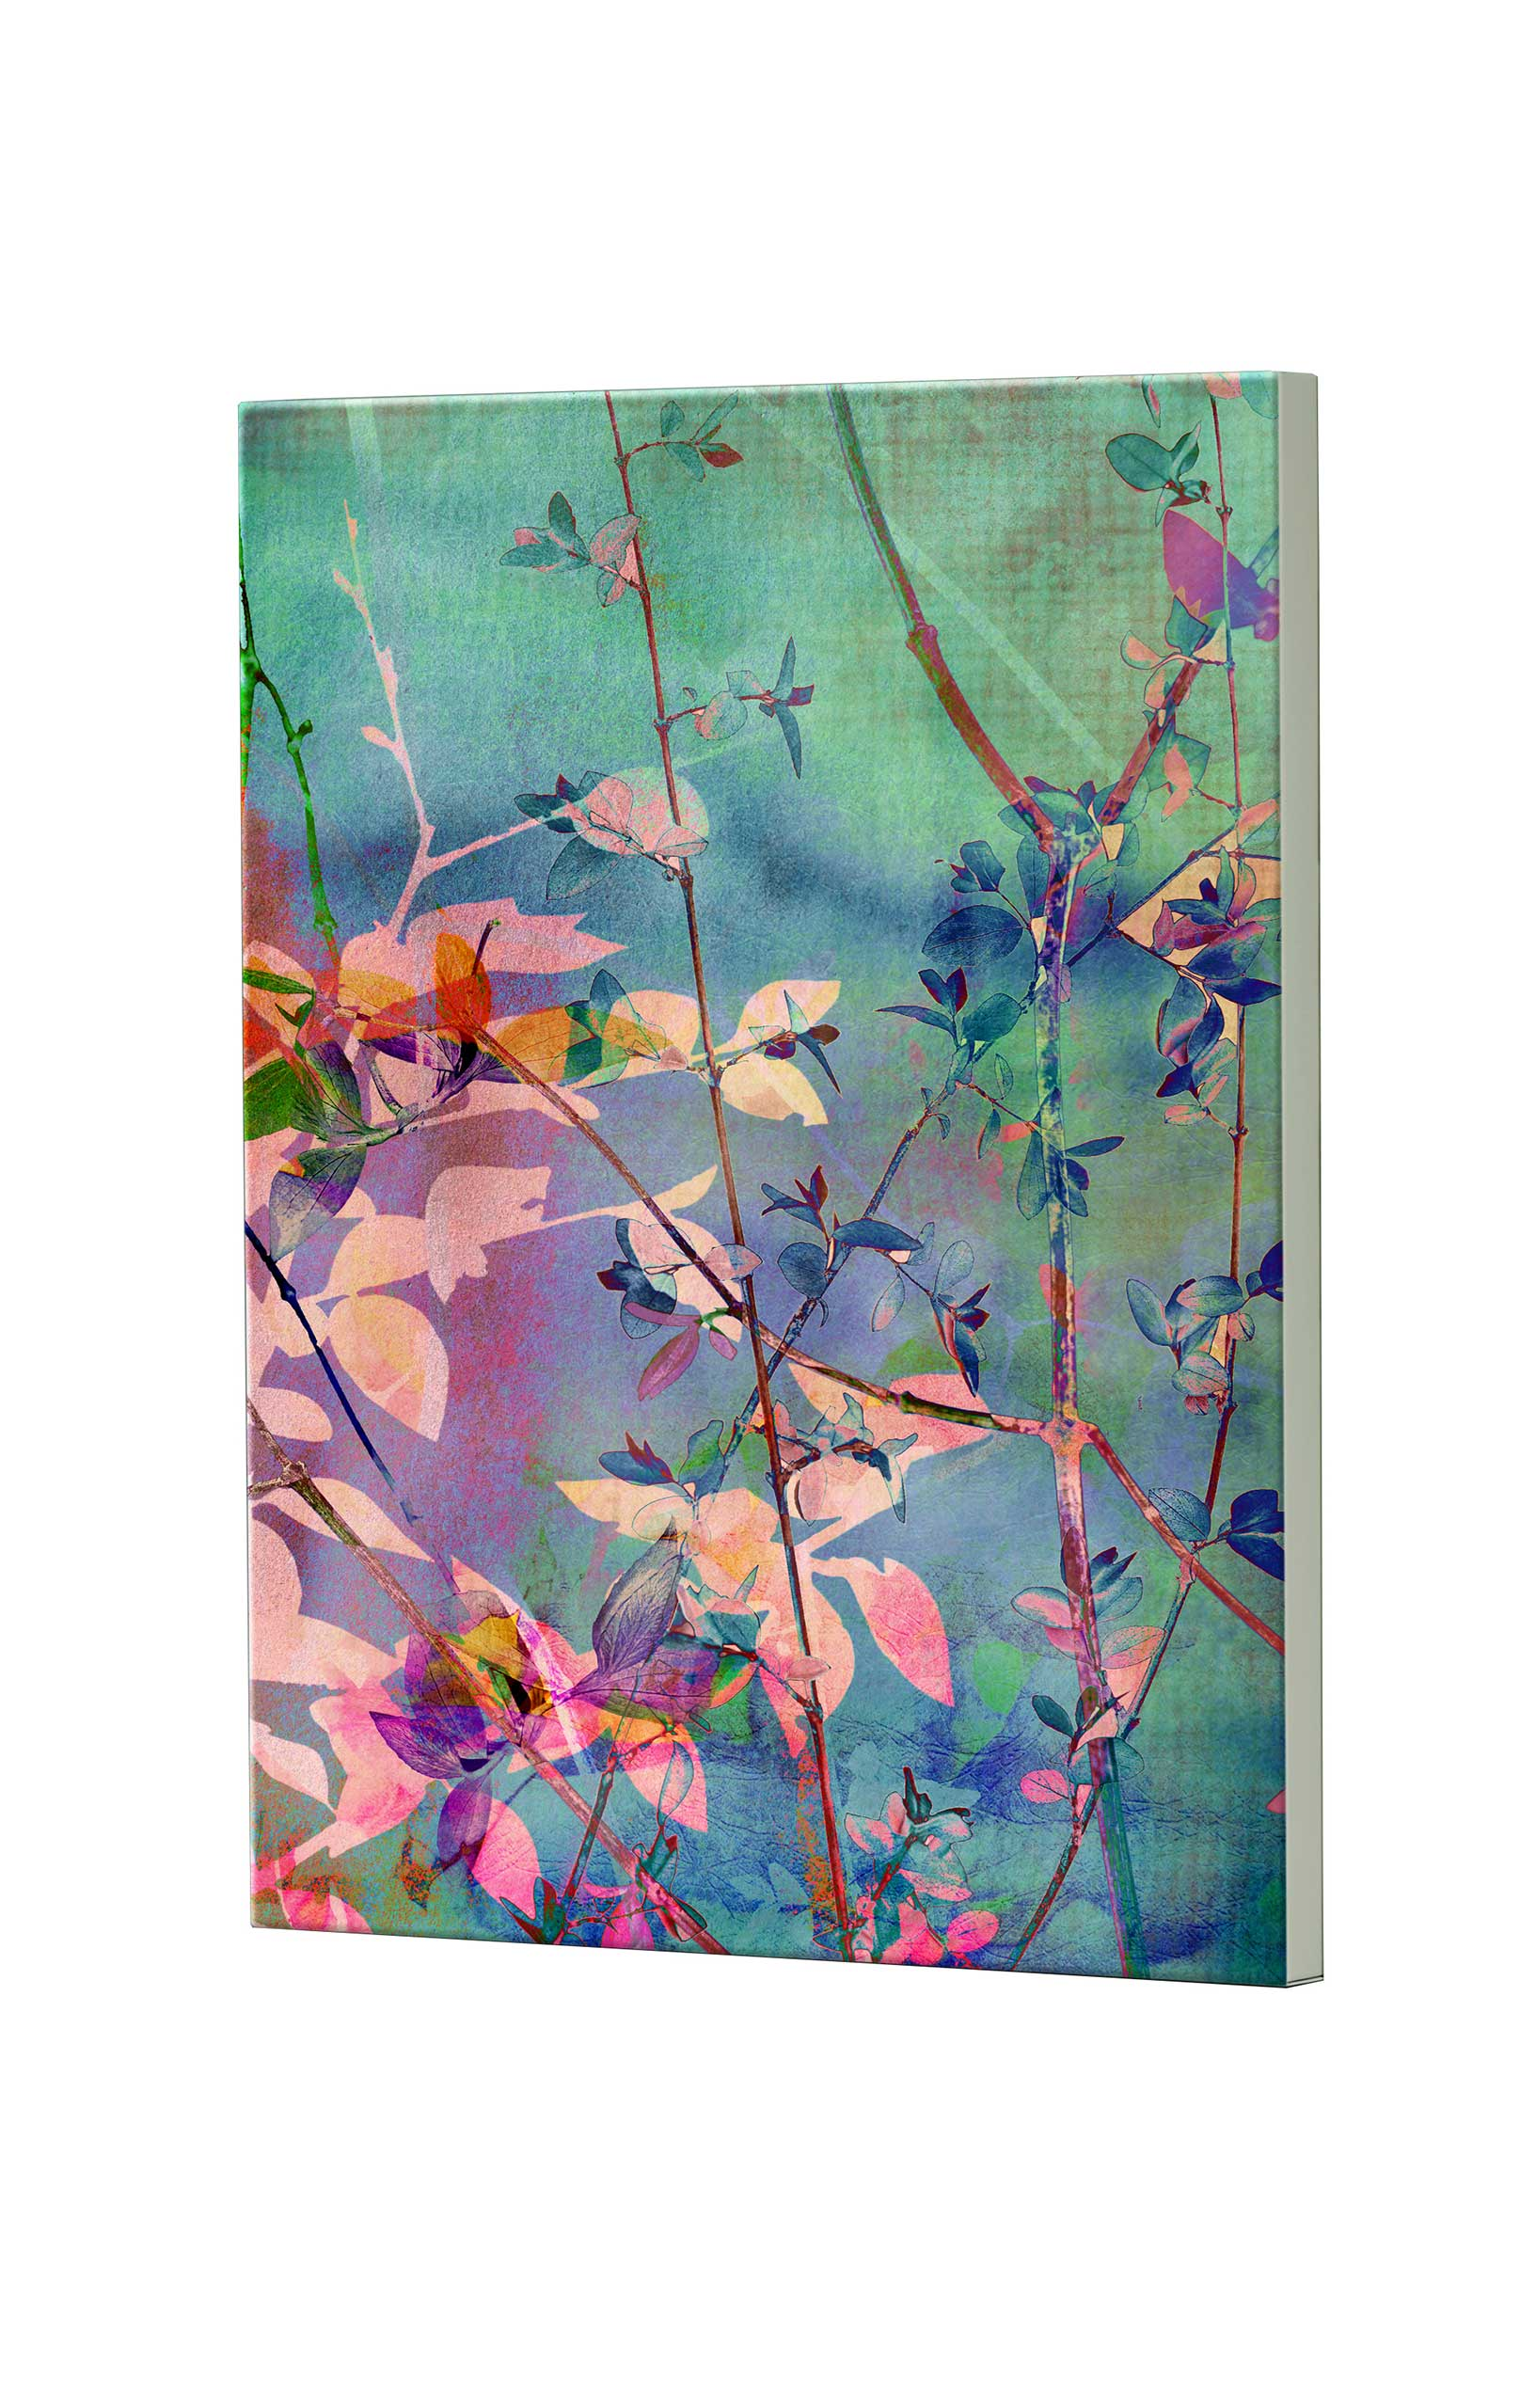 Magnettafel NOTIZ 60x80cm Motiv Blumen MDH166 Motiv-Pinnwand